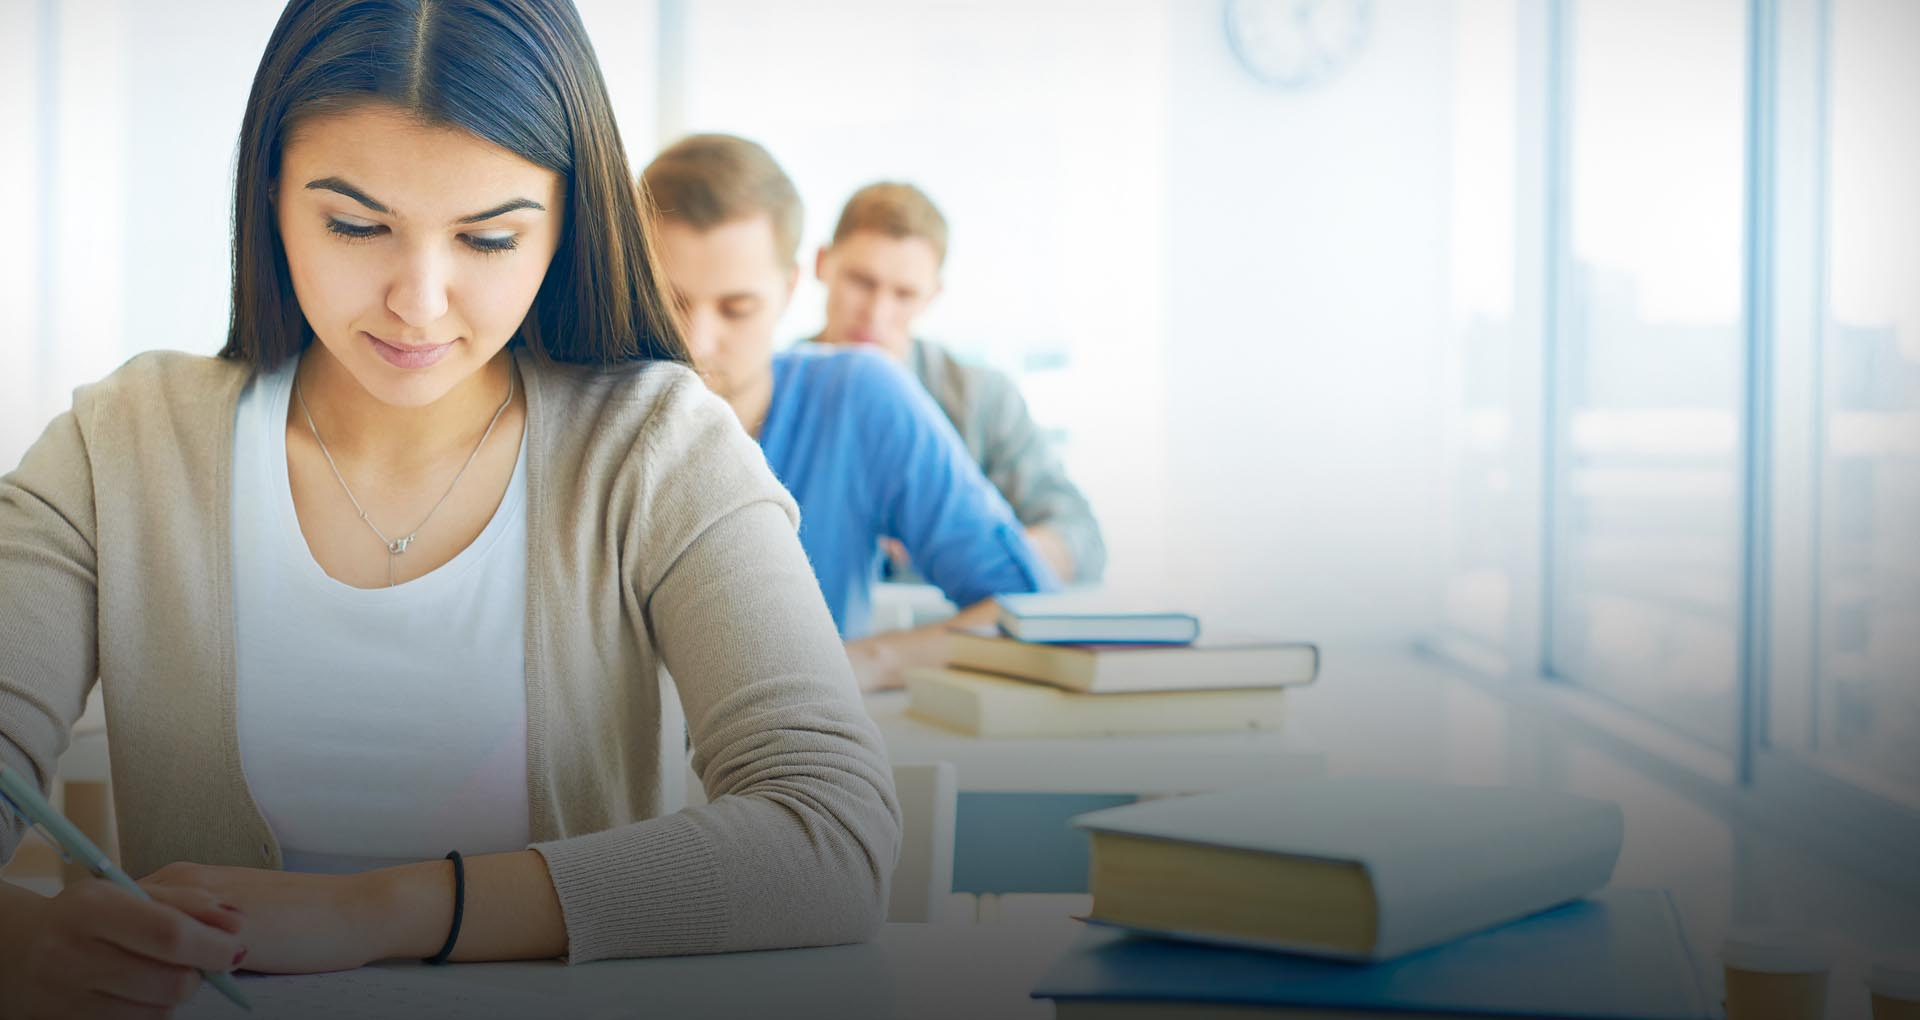 Fokus Sprachen und Seminare | Privat- und Firmenkurse in Deutschland